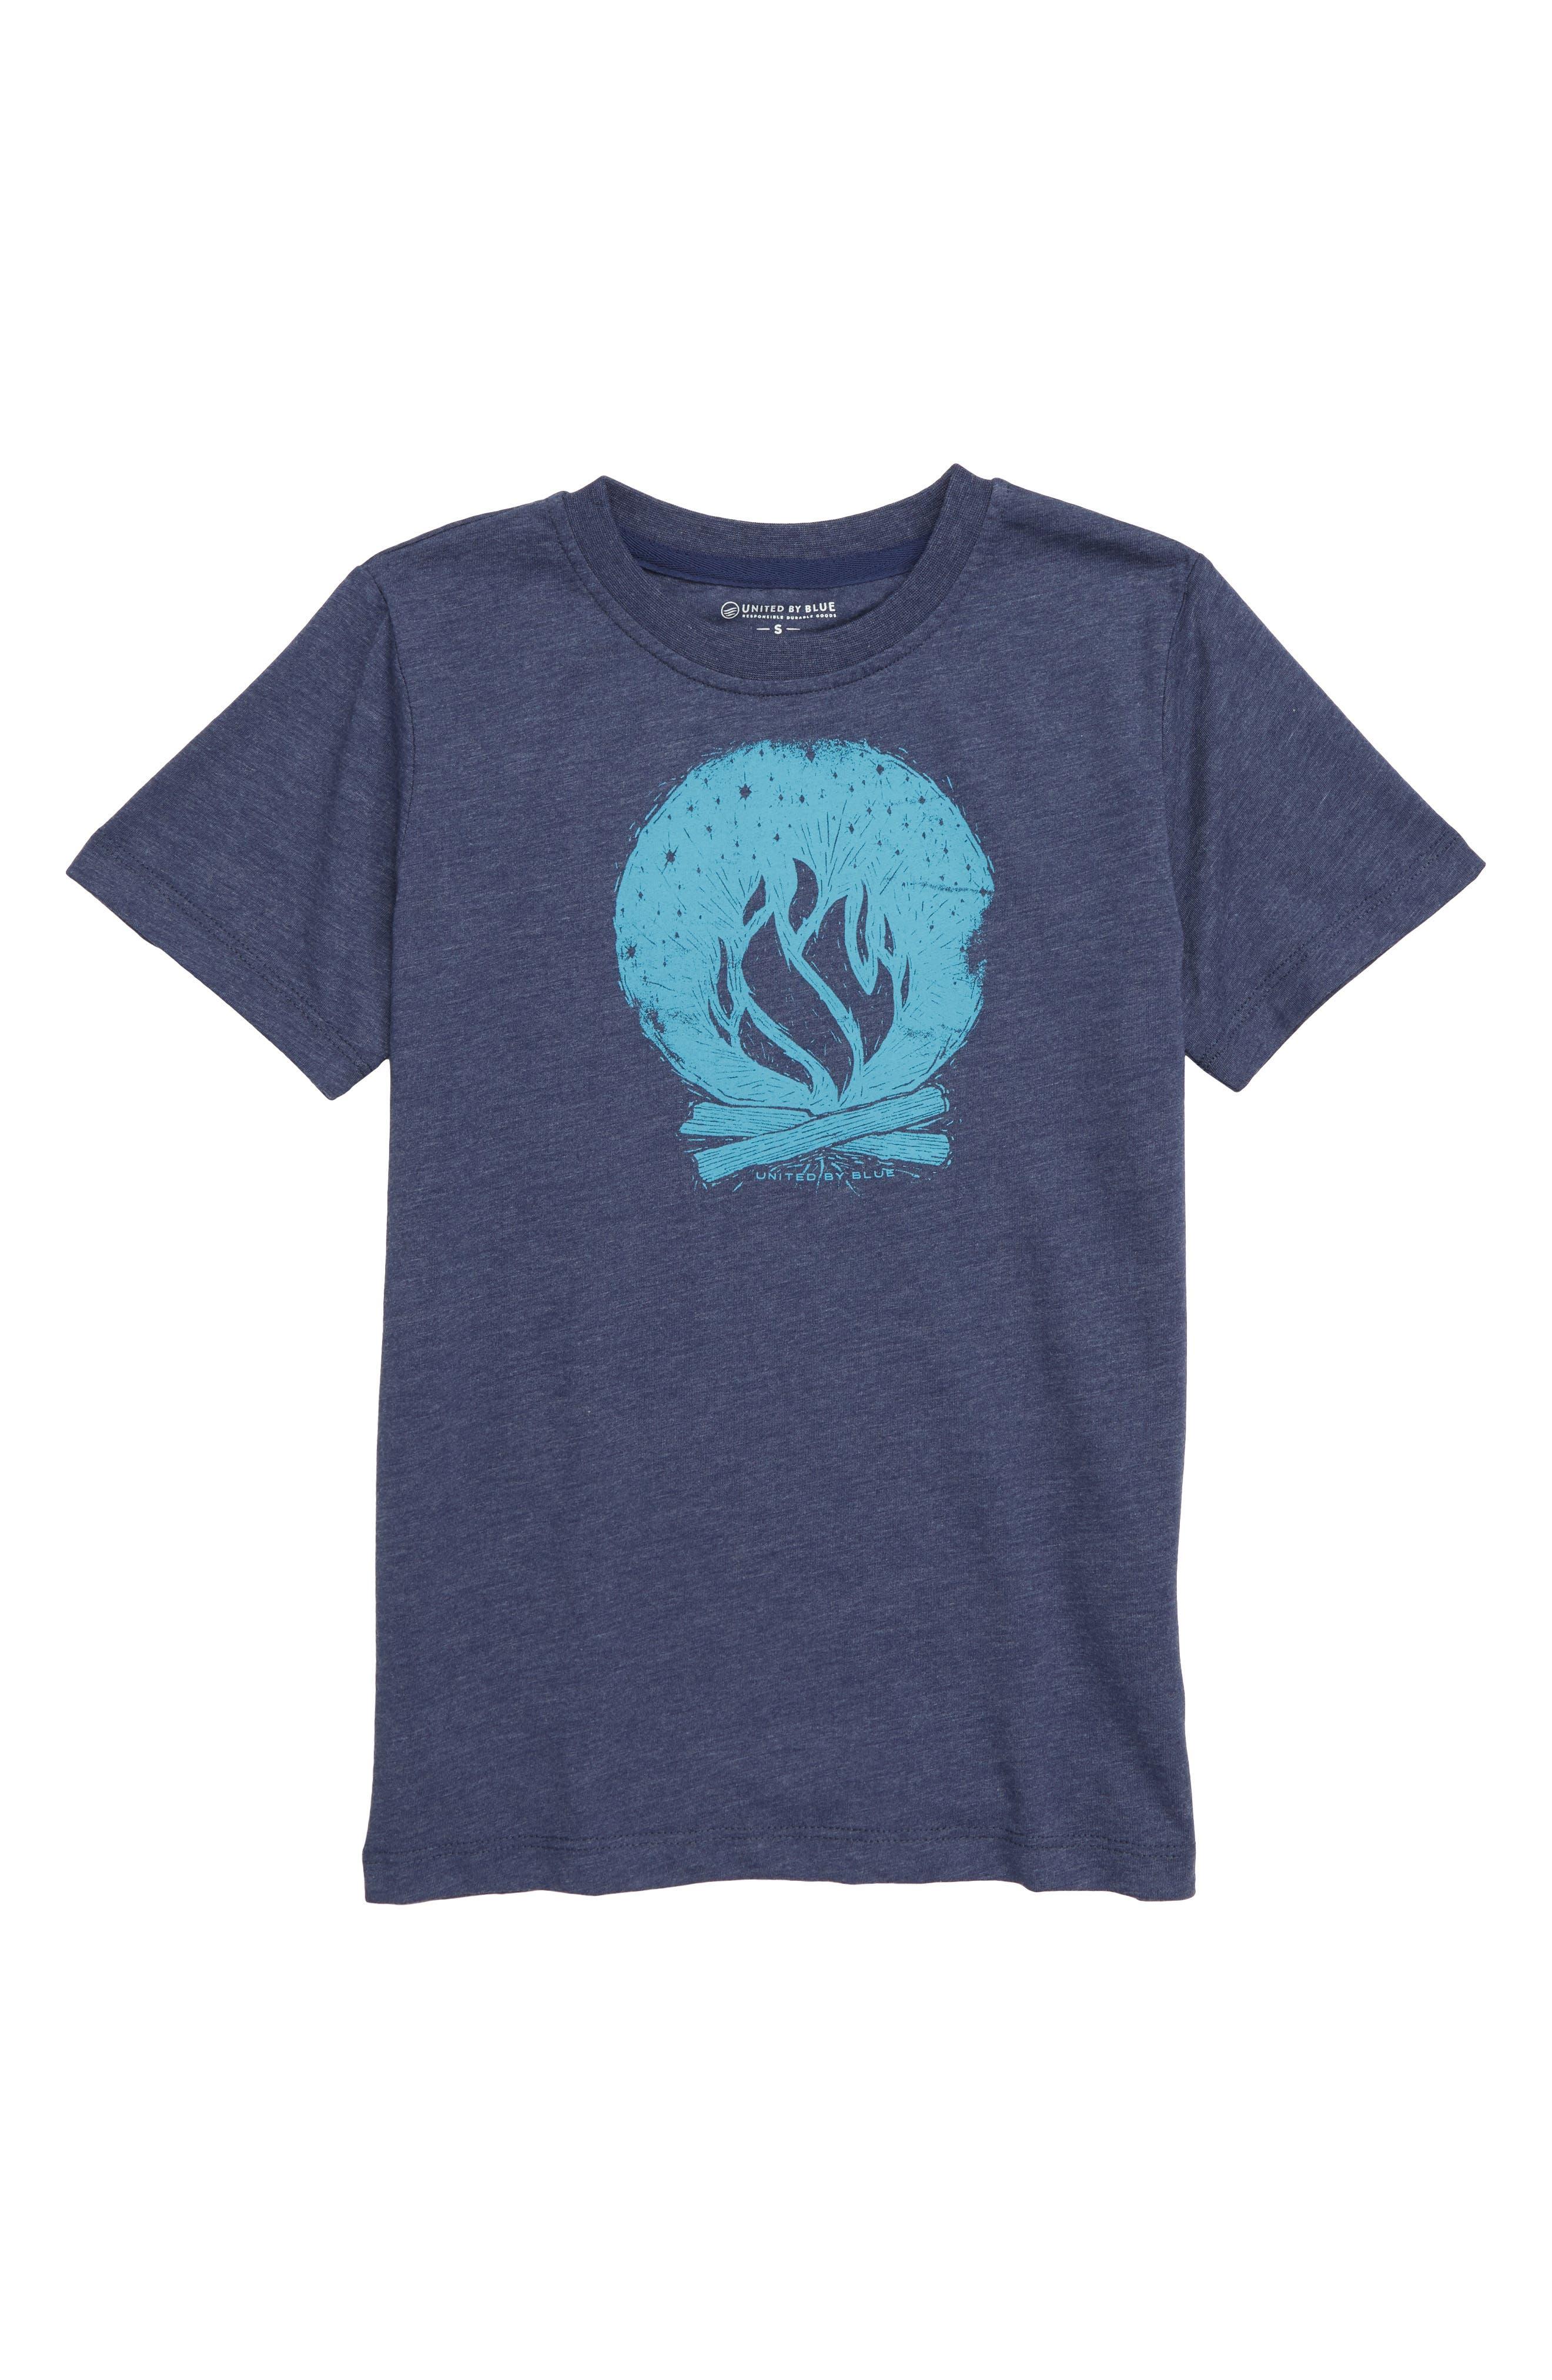 Campfire T-Shirt,                             Main thumbnail 1, color,                             NAVY